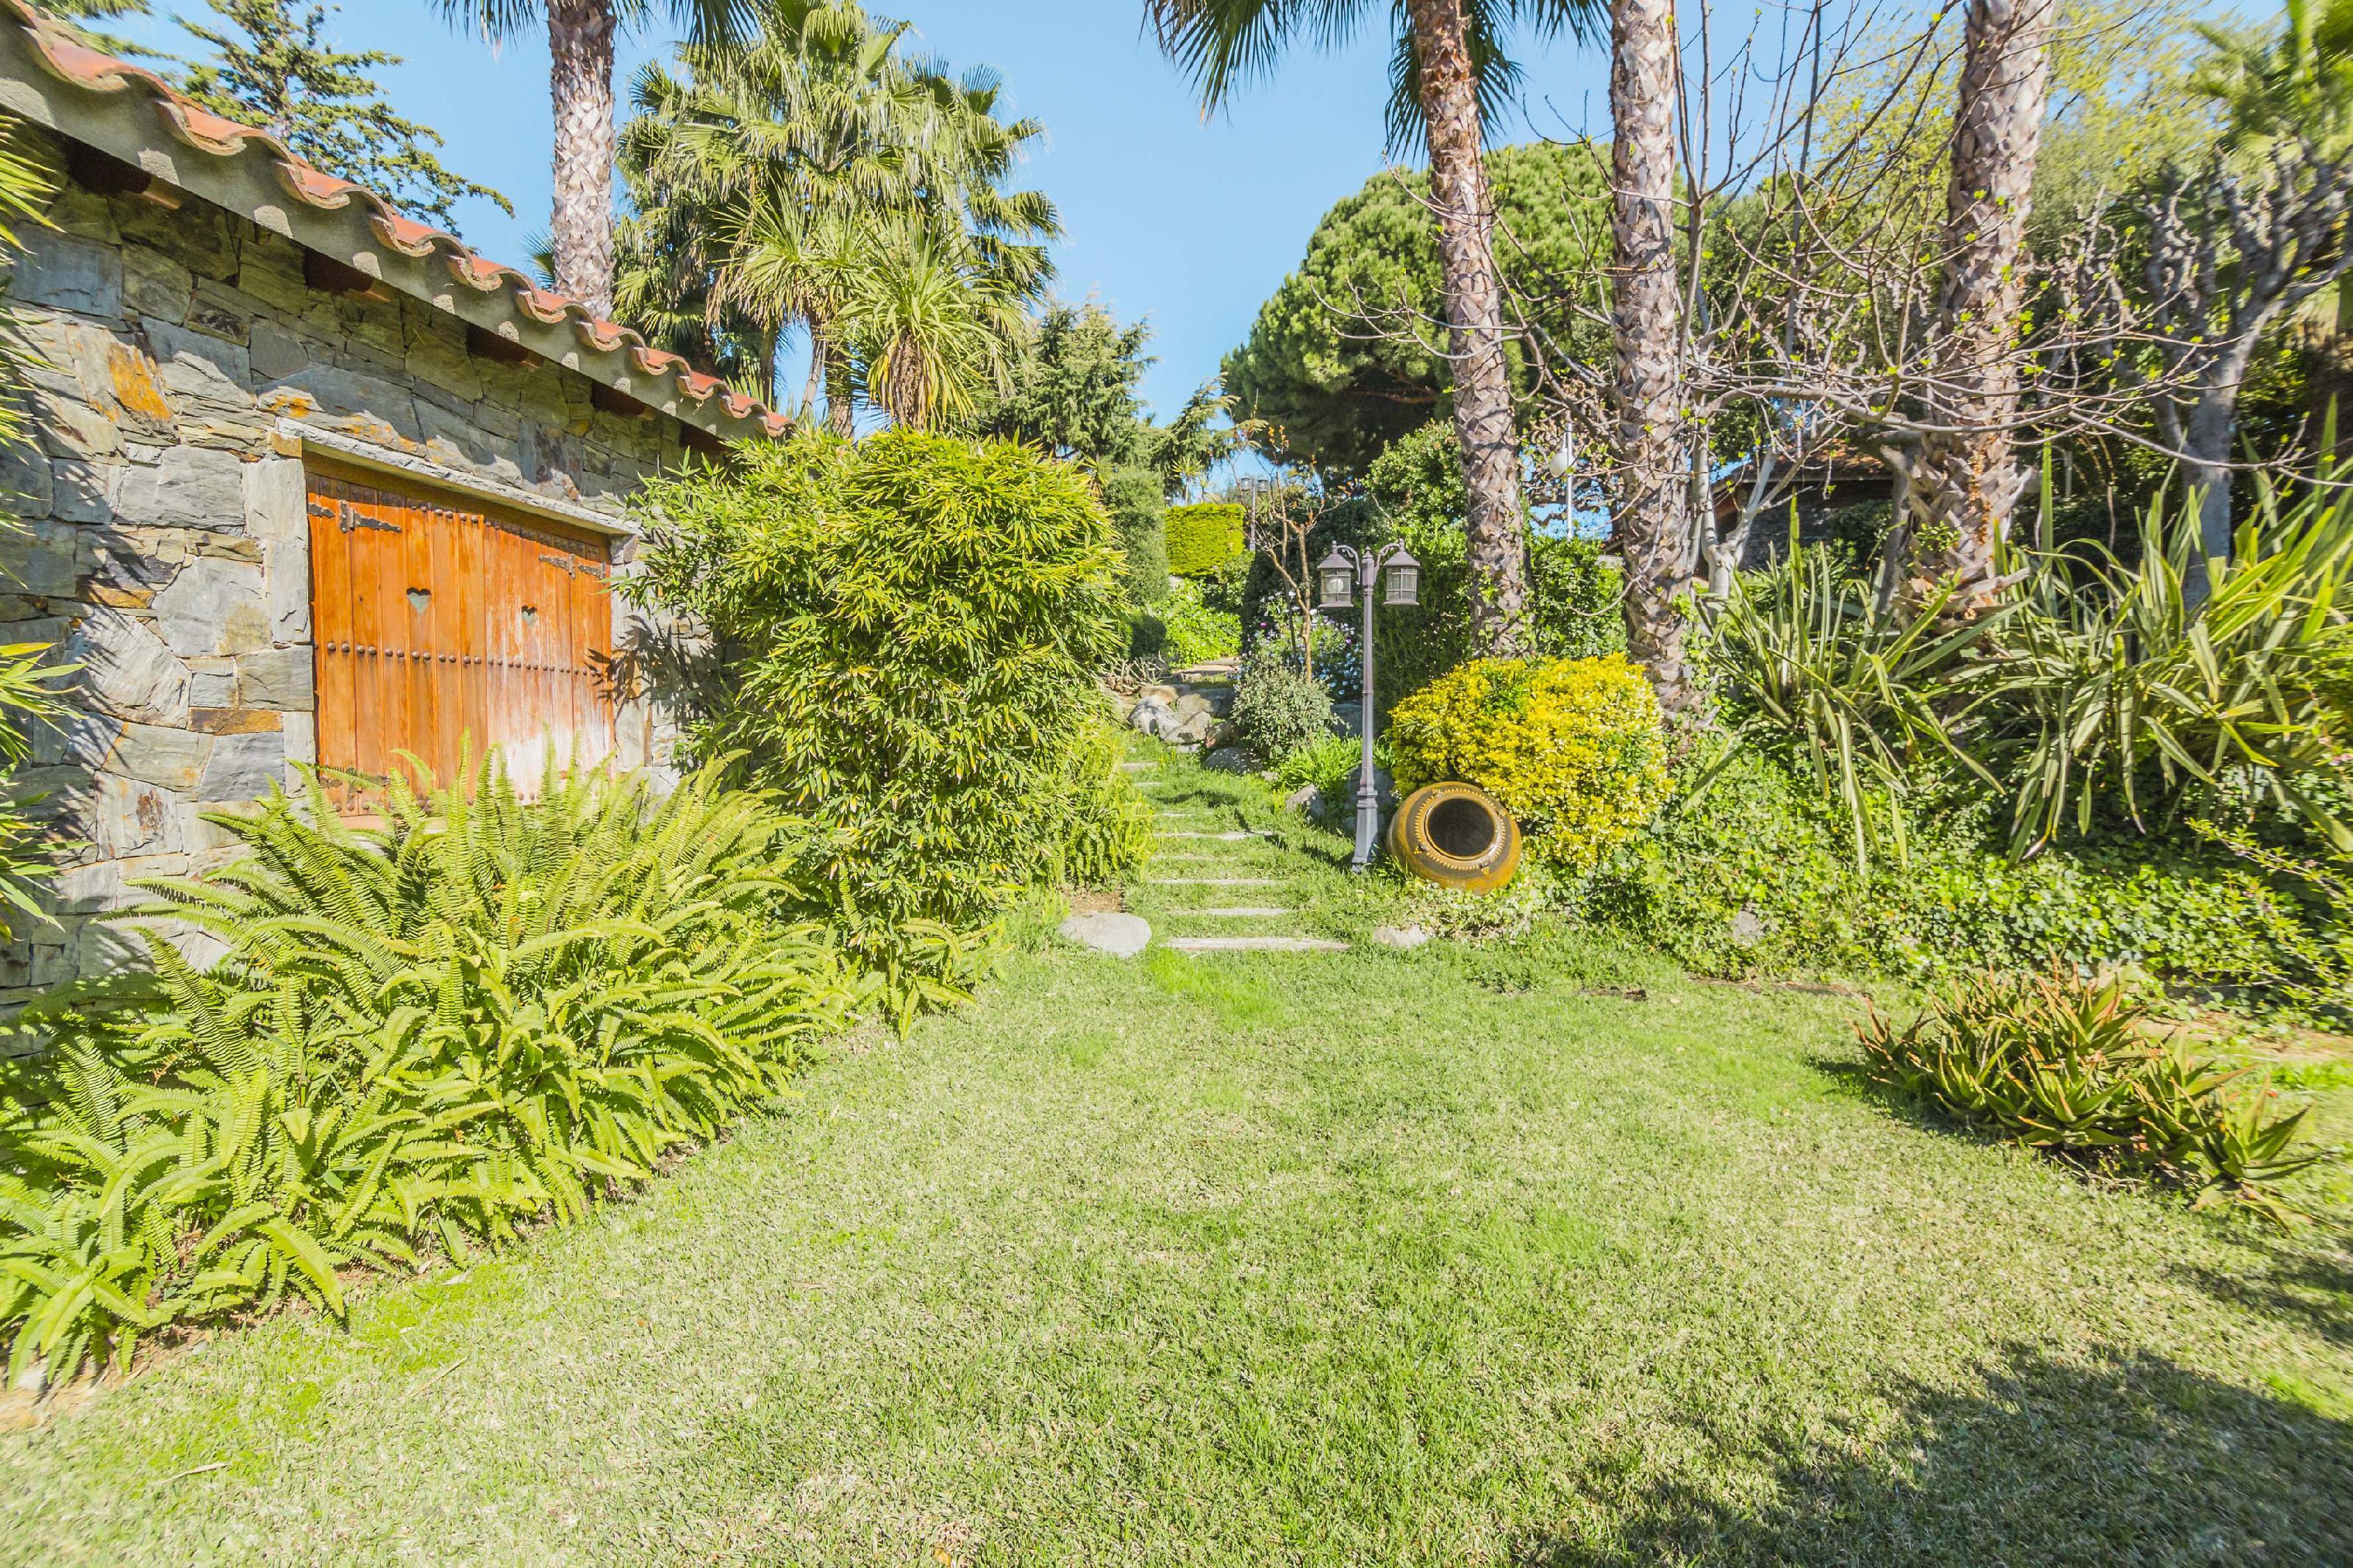 222464 Detached House for sale in Masnou (El) 8